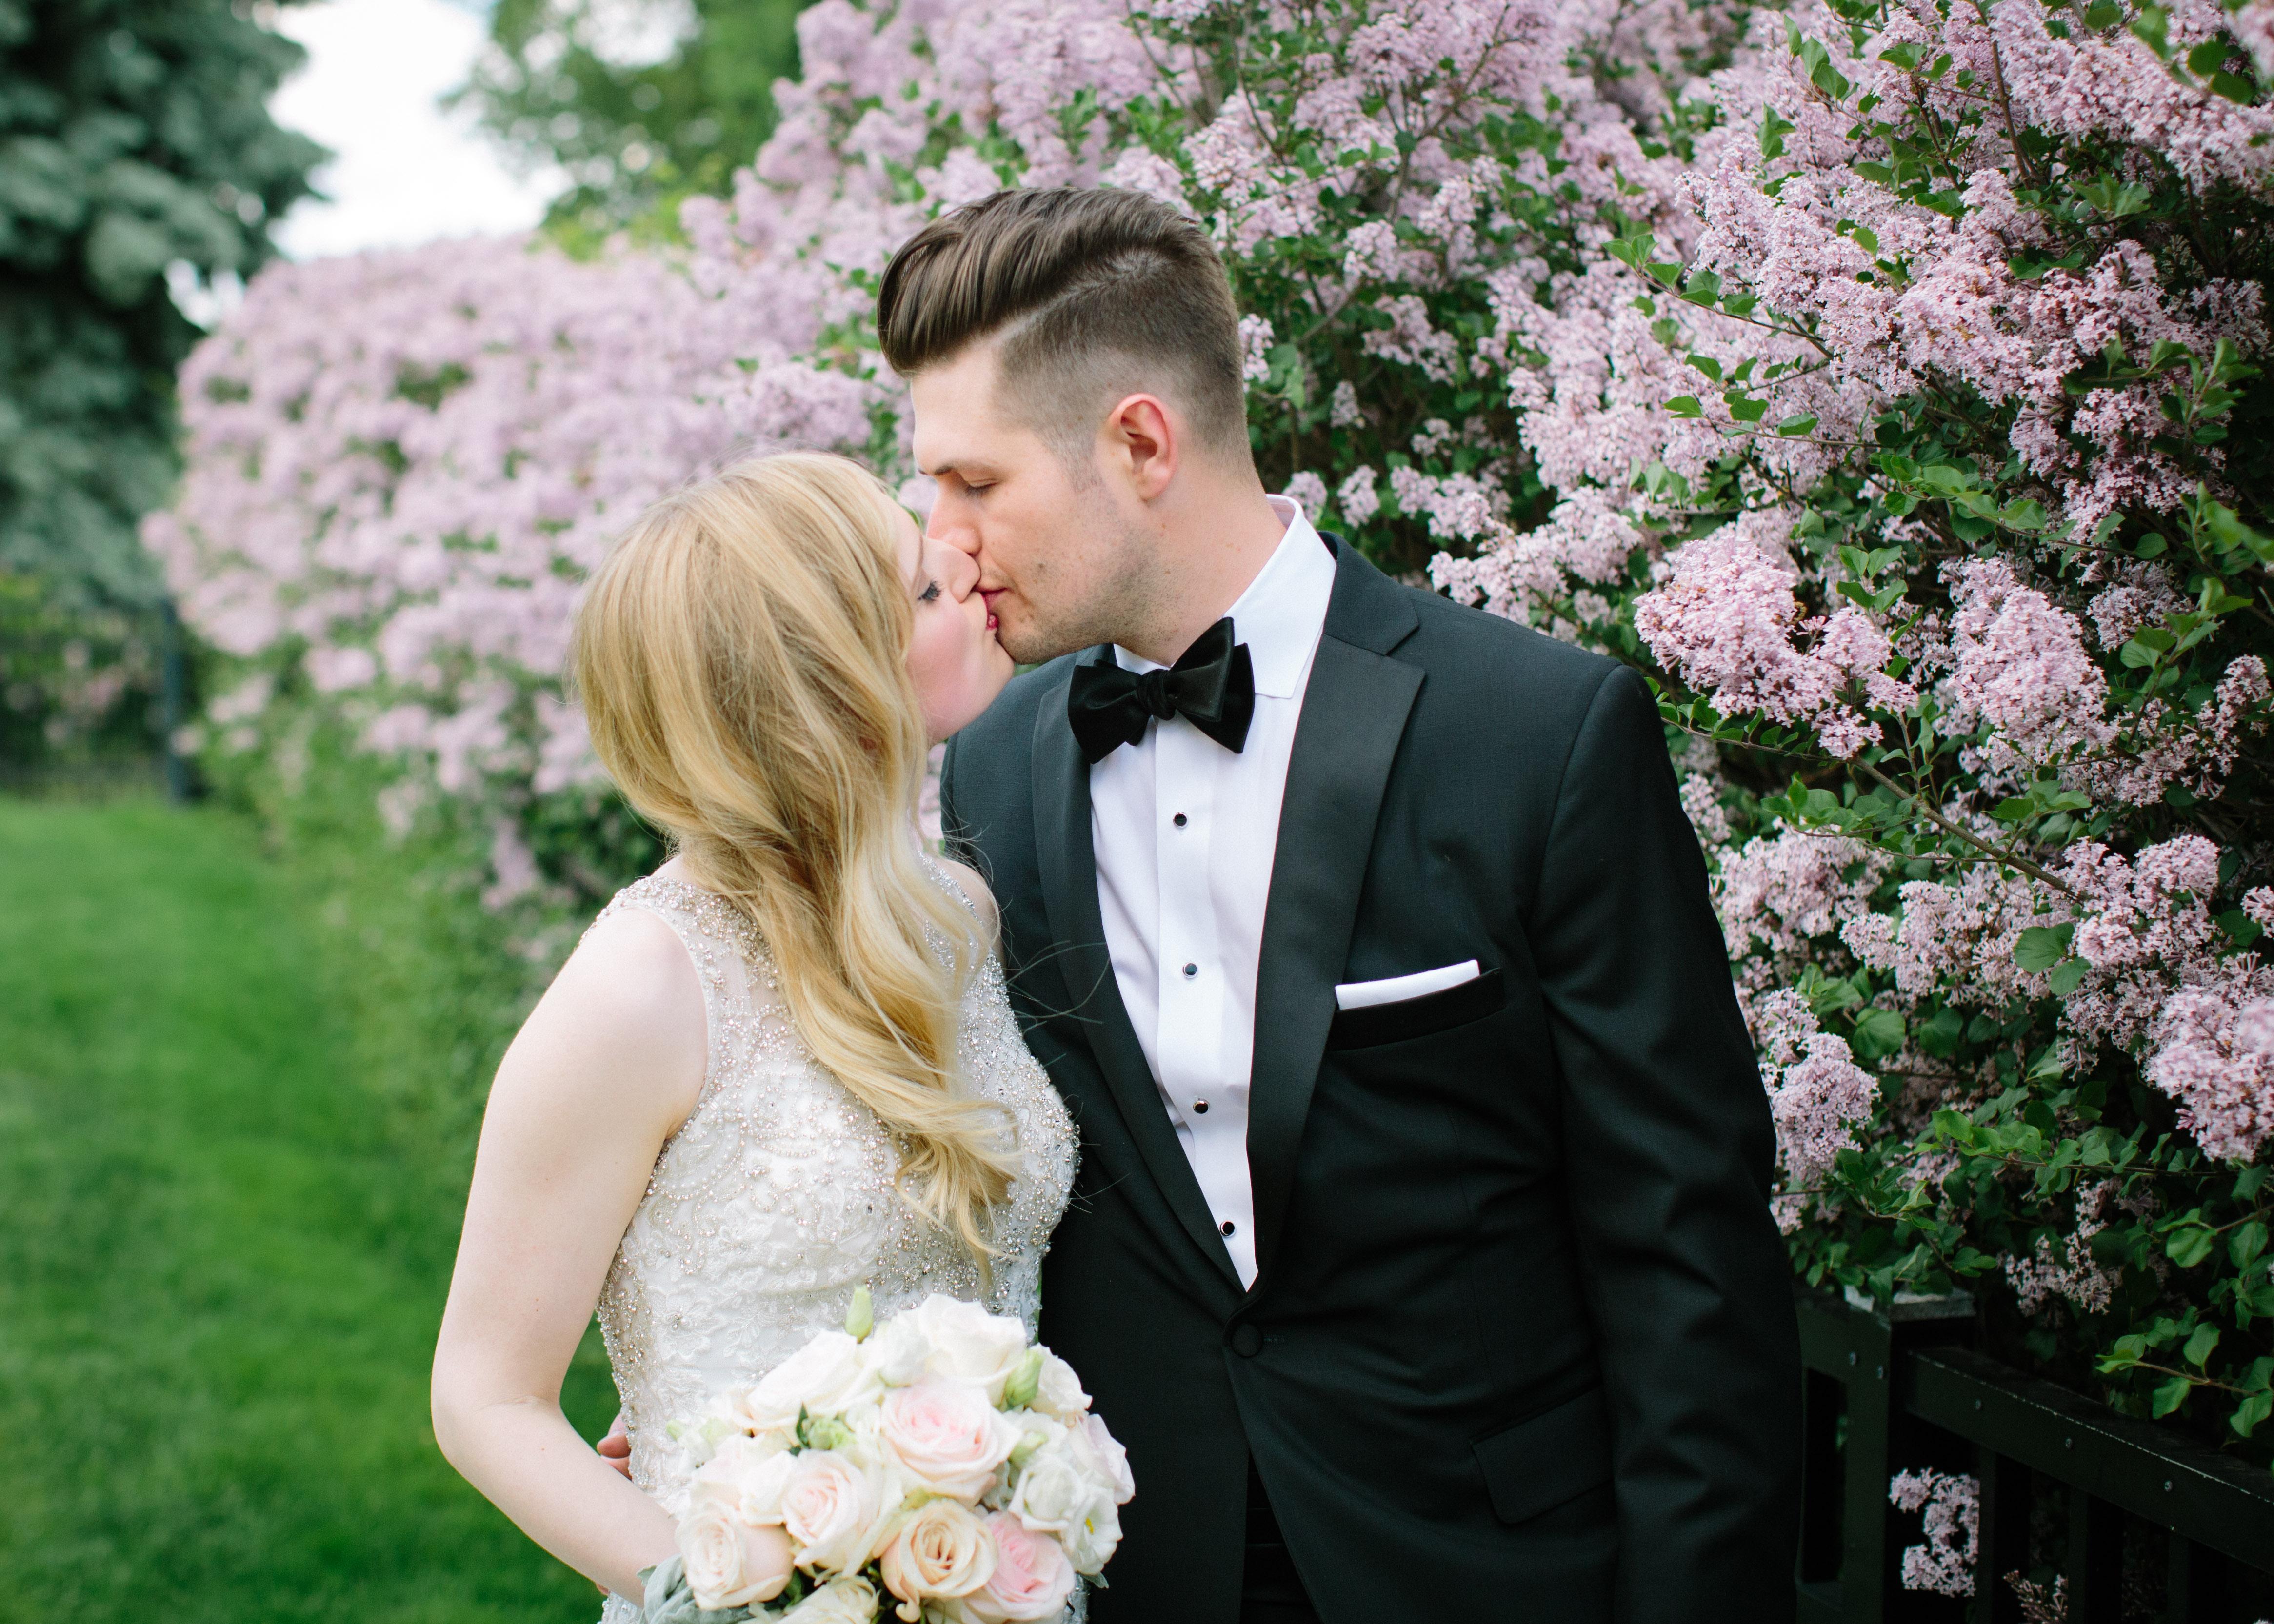 Matt & Cass' Wedding - J'aime Events